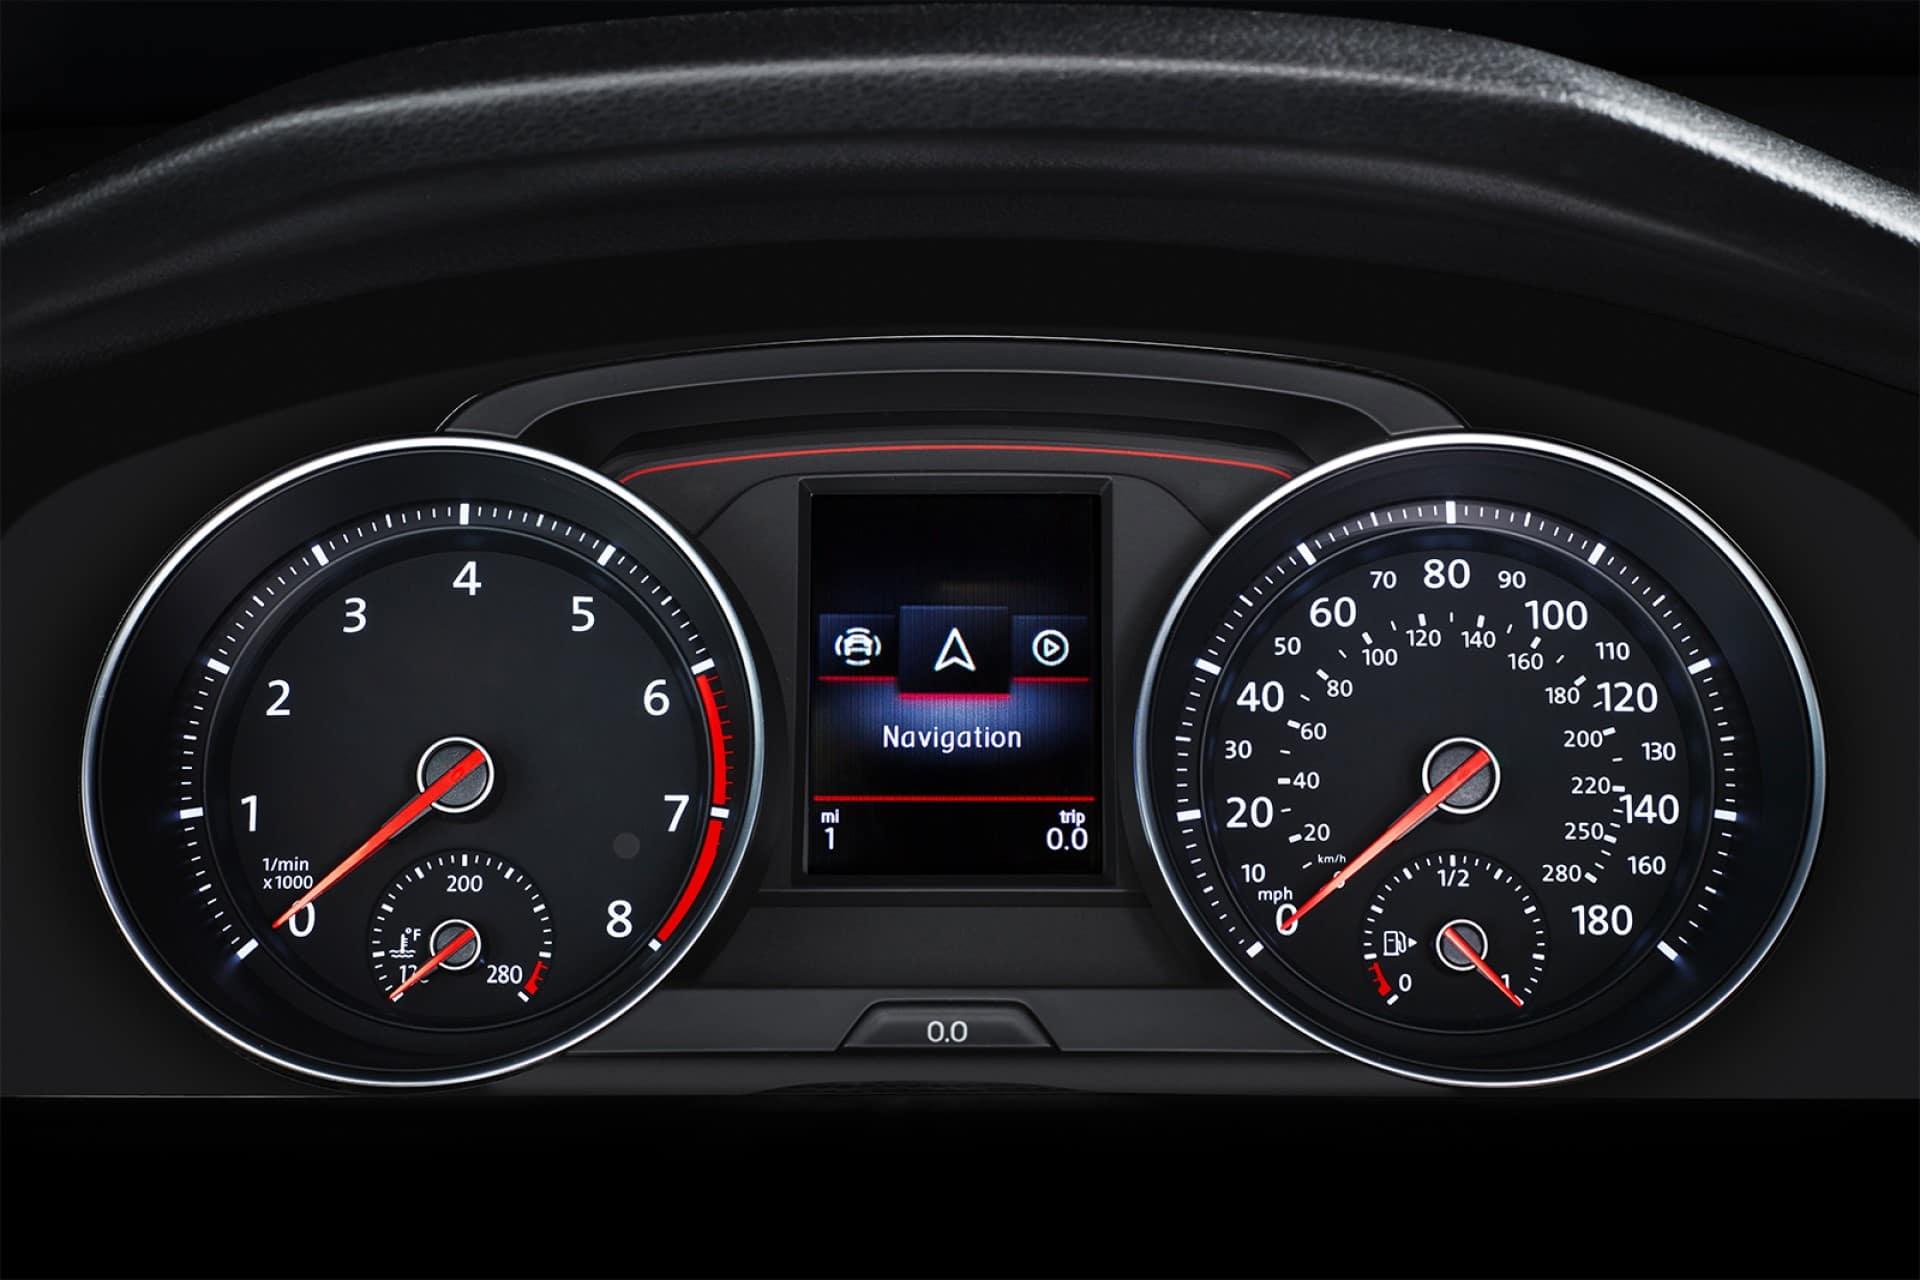 Volkswagen_Golf_GTI_Interior_Instrument_Cluster